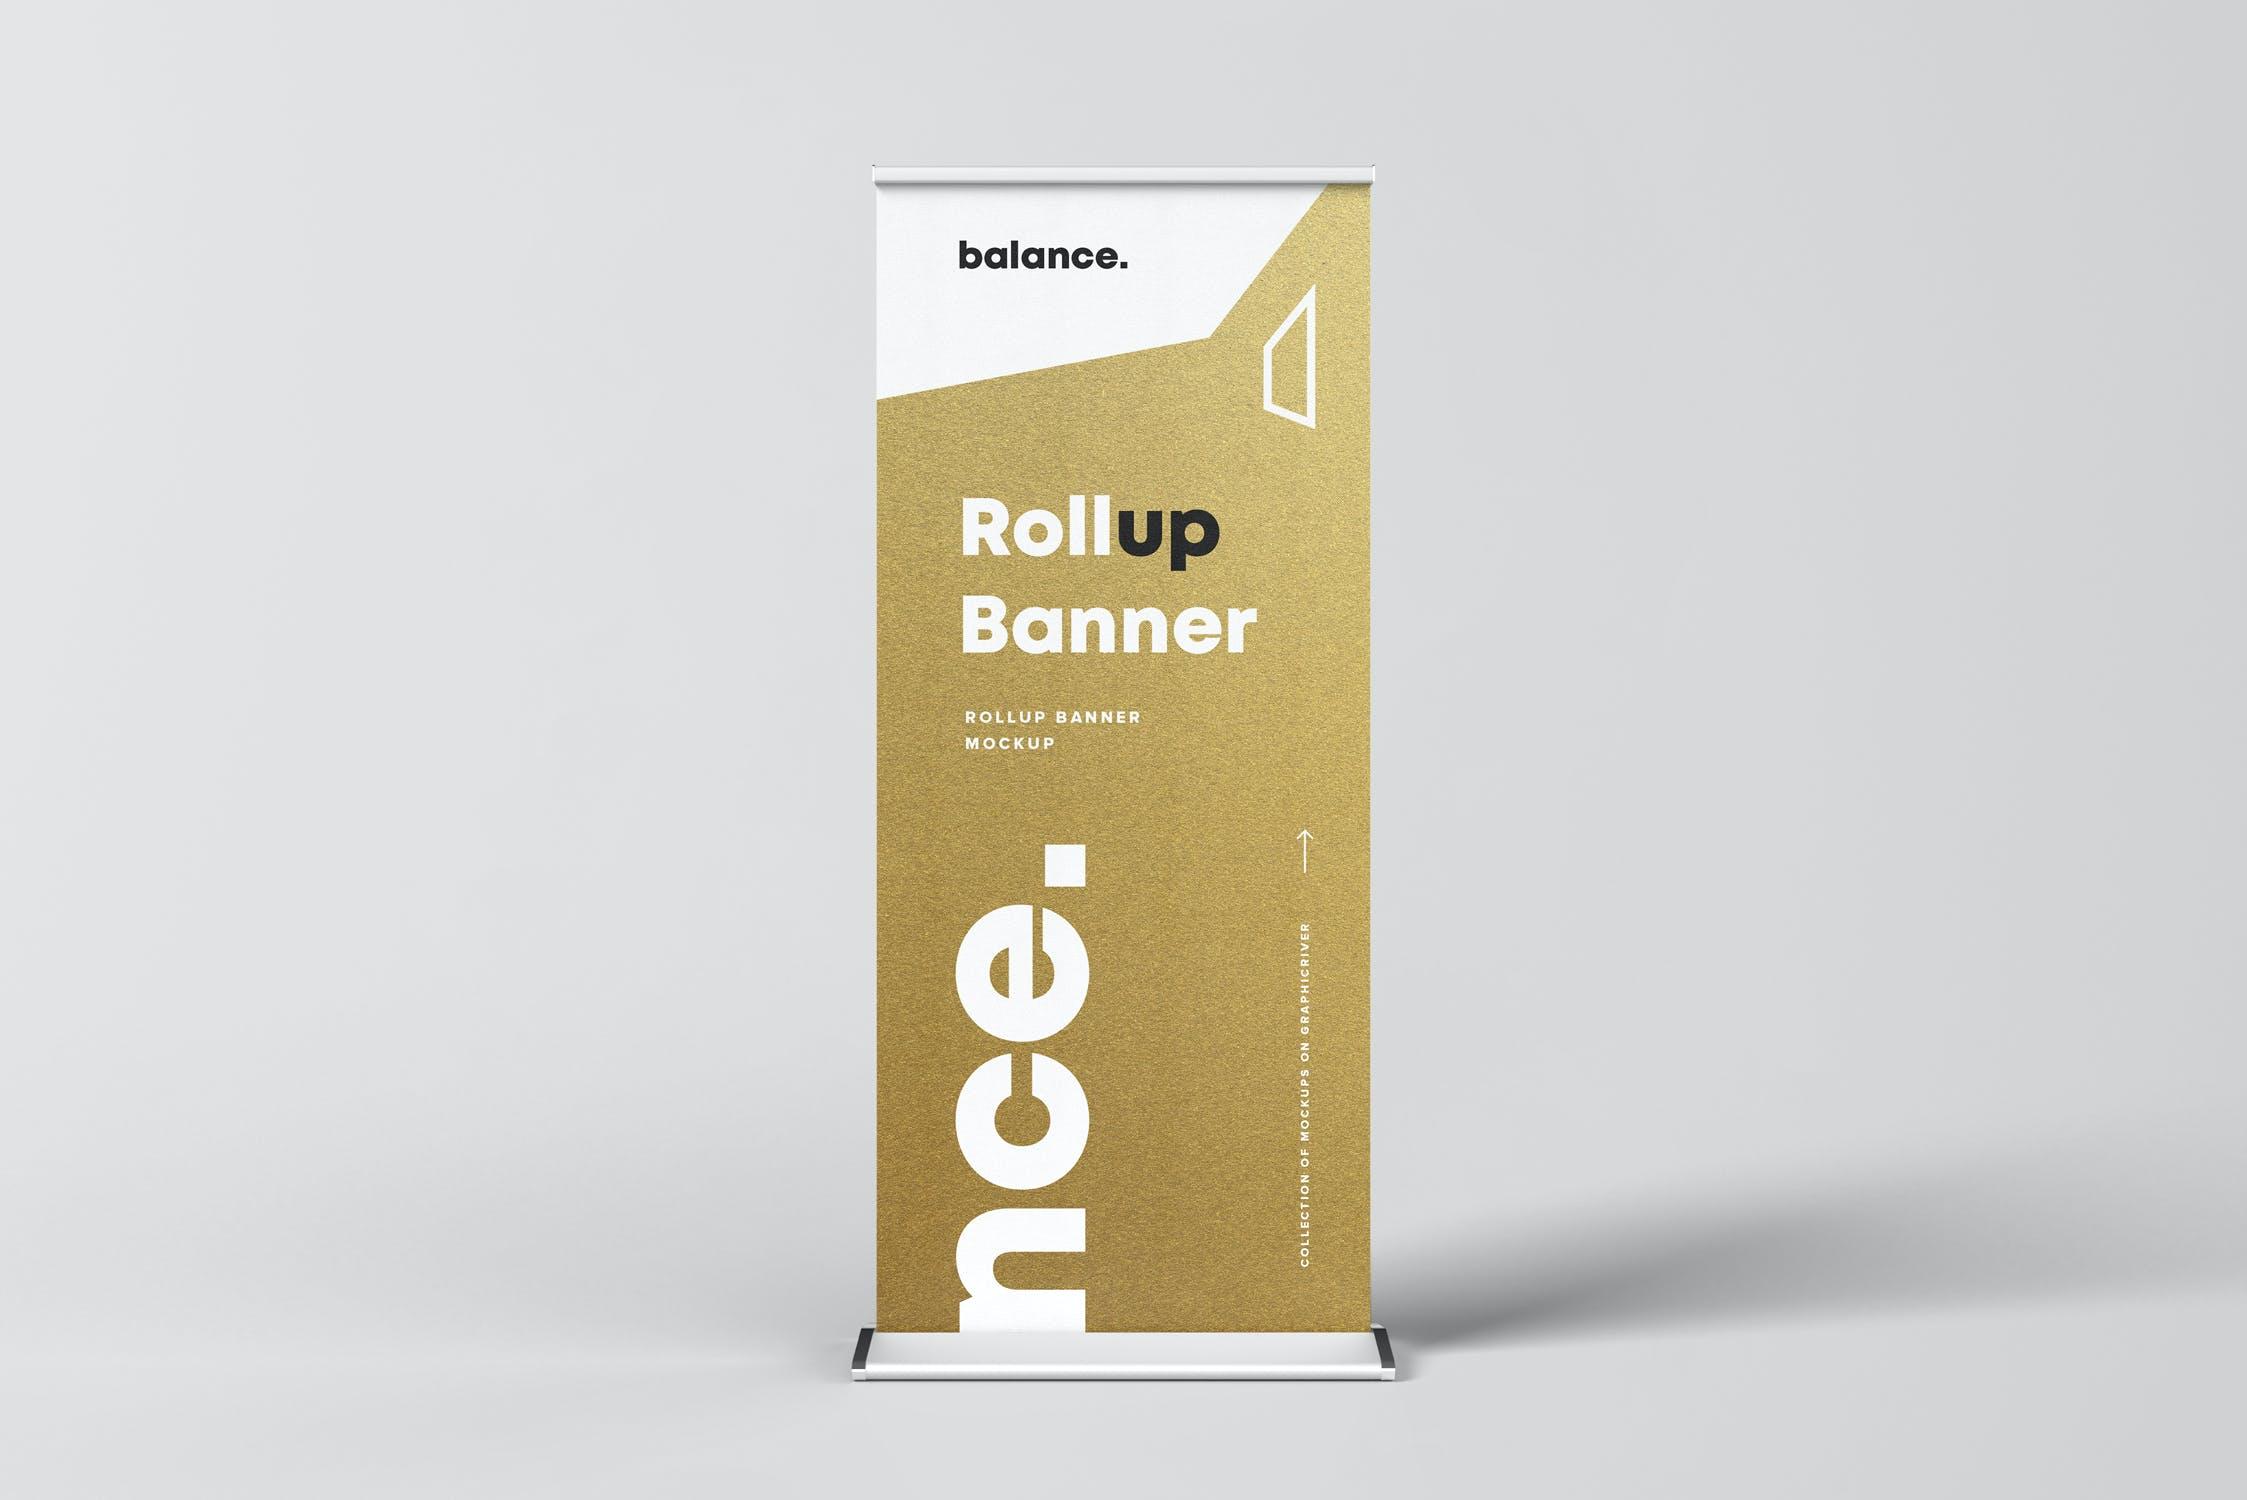 7款自立式易拉宝展架横幅海报设计展示样机模板 Roll Up Banner Mockup插图